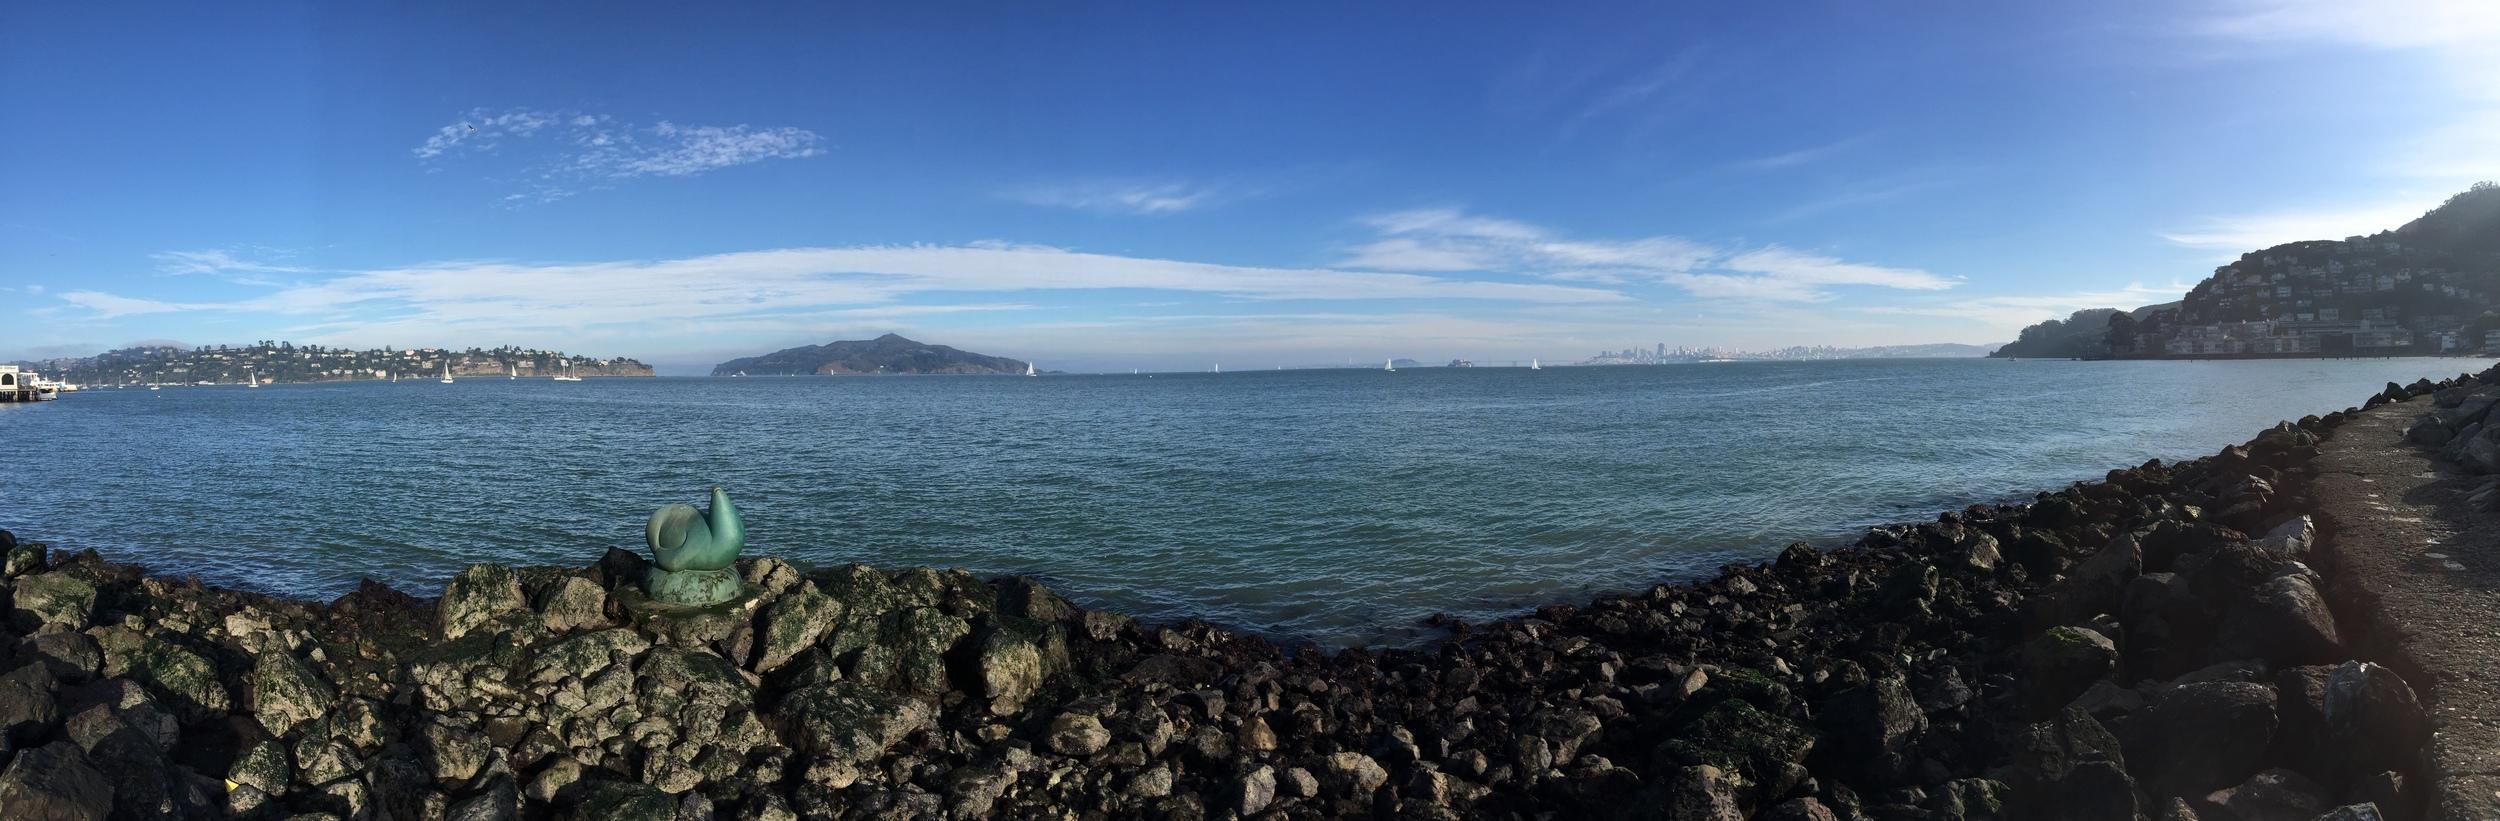 Sausalito, January 17,2015.